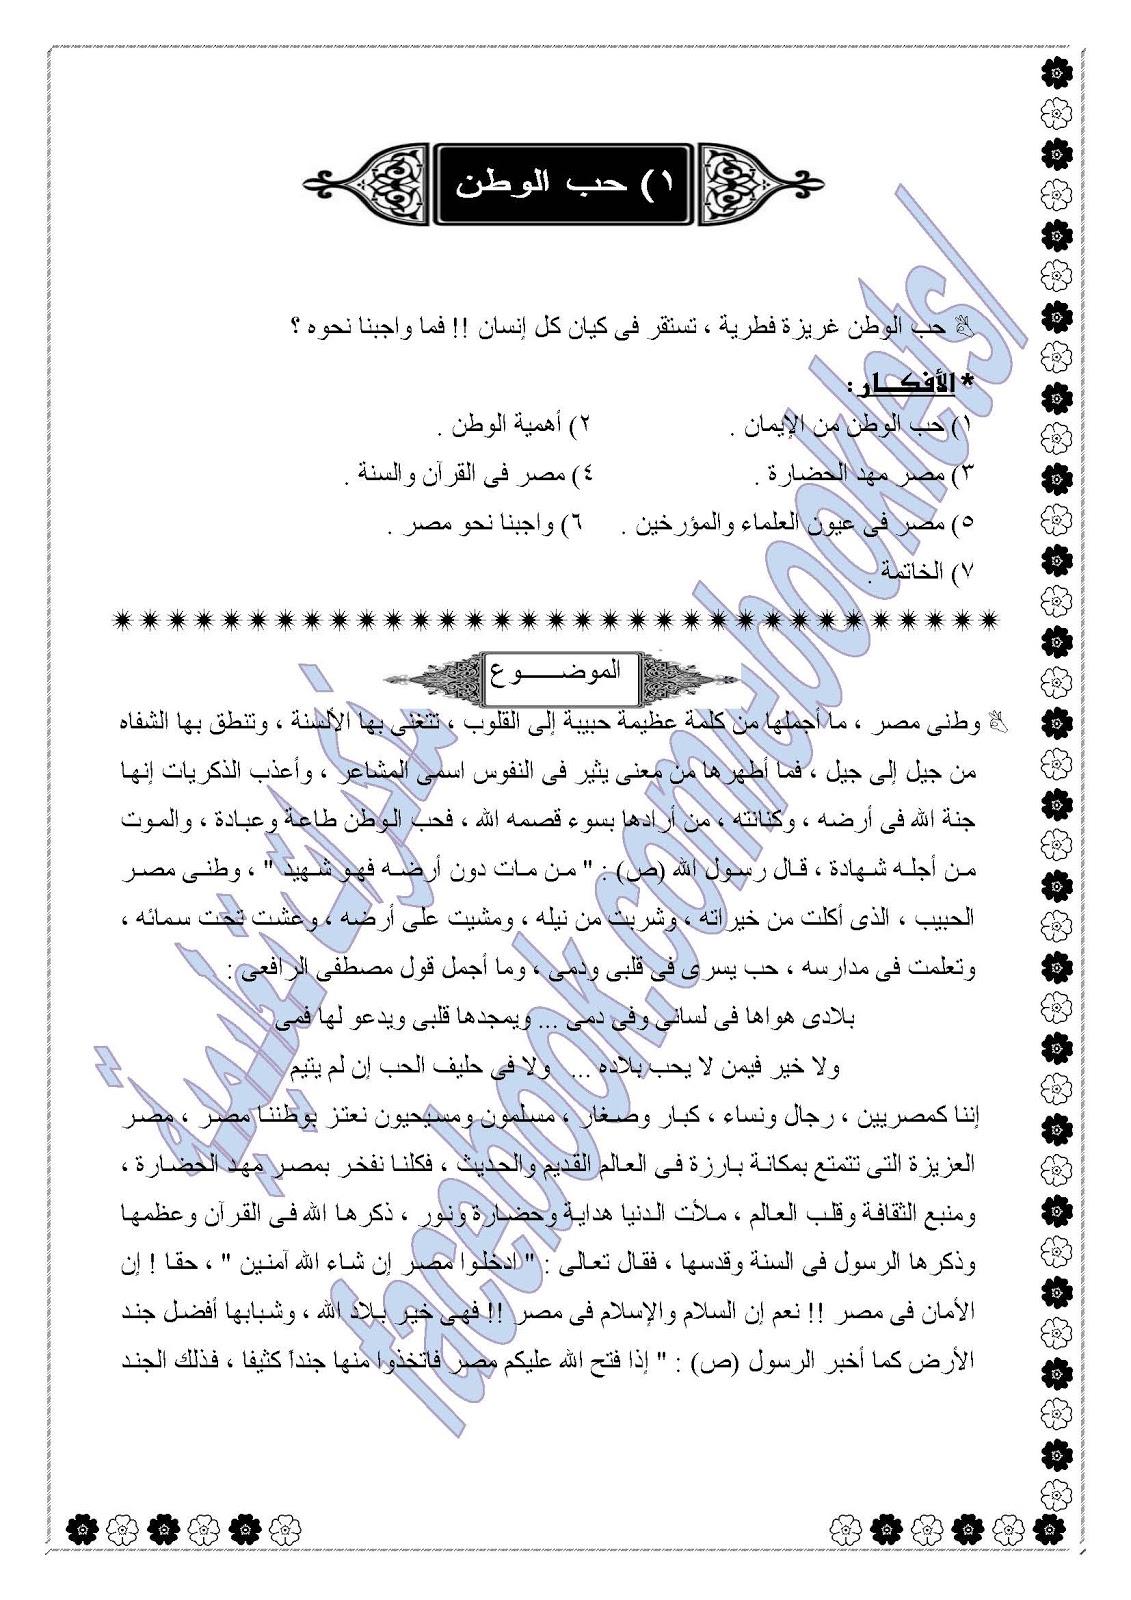 إرشادات ومقدمات والبرقية وعلامات الترقيم  موضوع التعبير فى اللغة العربية